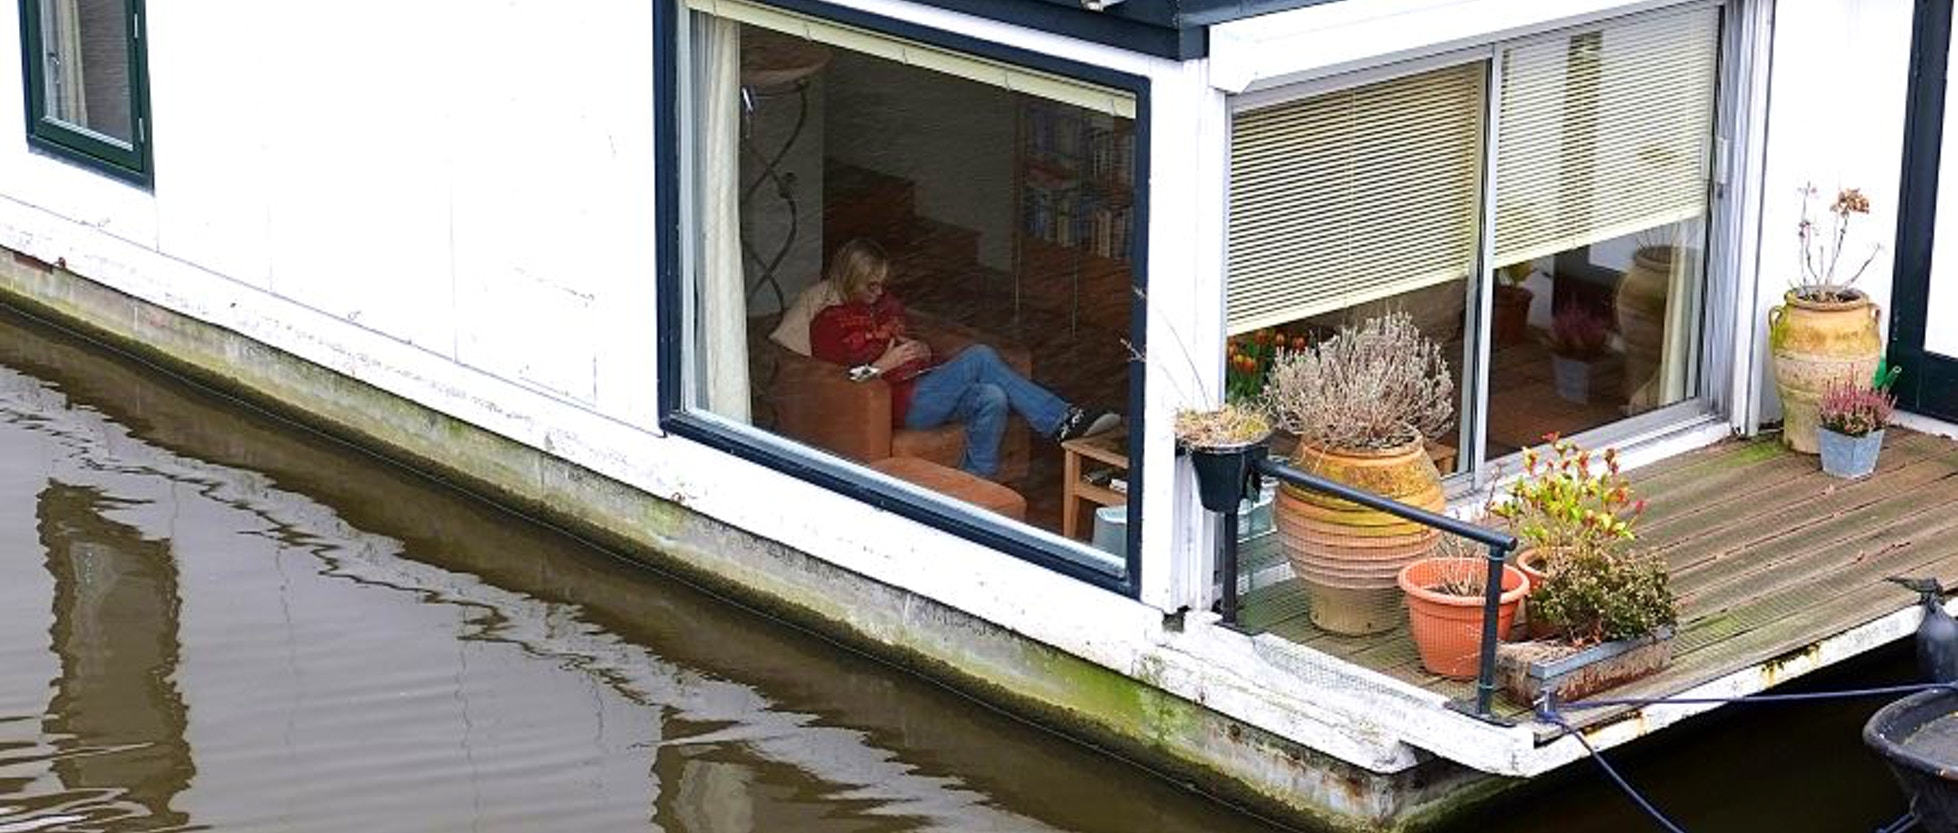 Dormire su una houseboat le case galleggianti di amsterdam for Dormire ad amsterdam economico